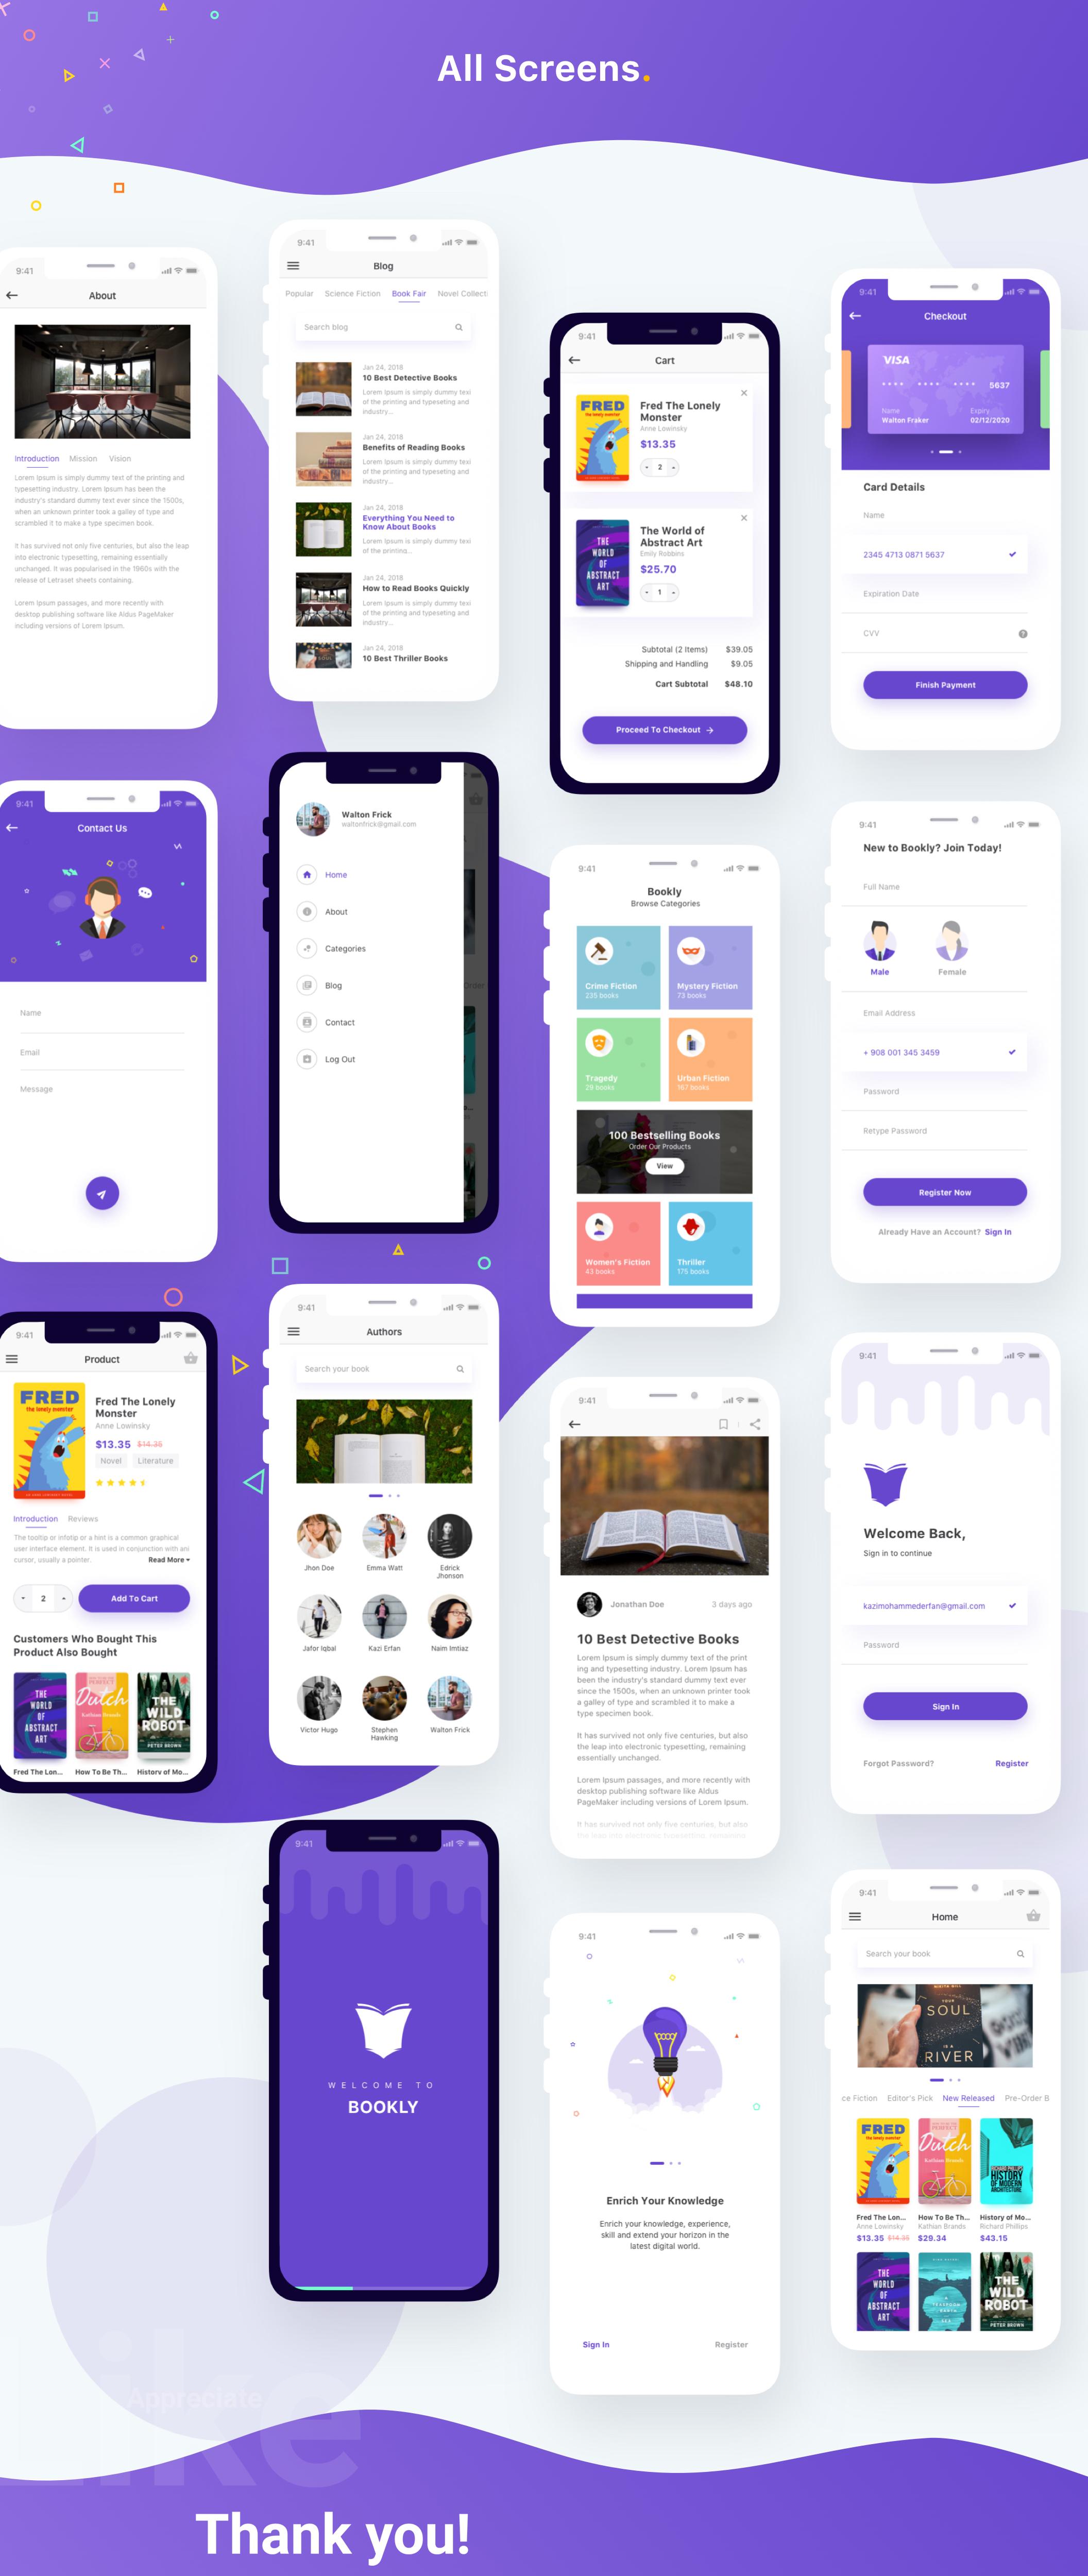 现代时尚图书在线购买商城APP应用UI界面设计模板 Bookly iOS UI Kit插图(6)